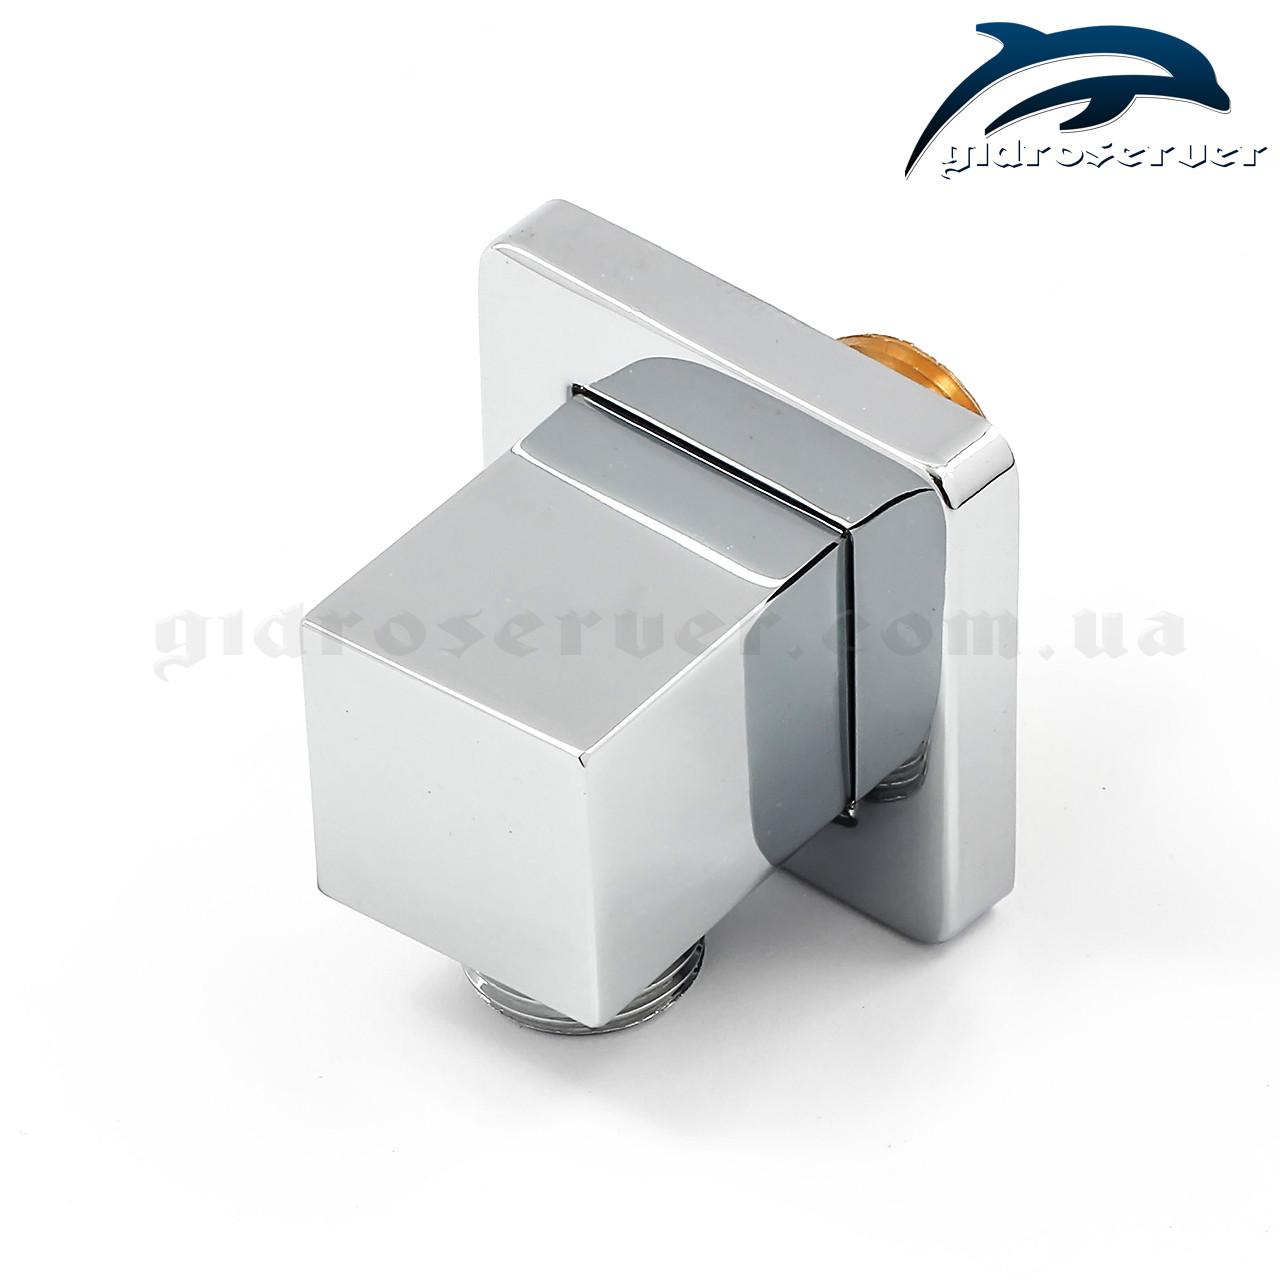 Подключение душевого шланга для лейки ручного душа UD-16